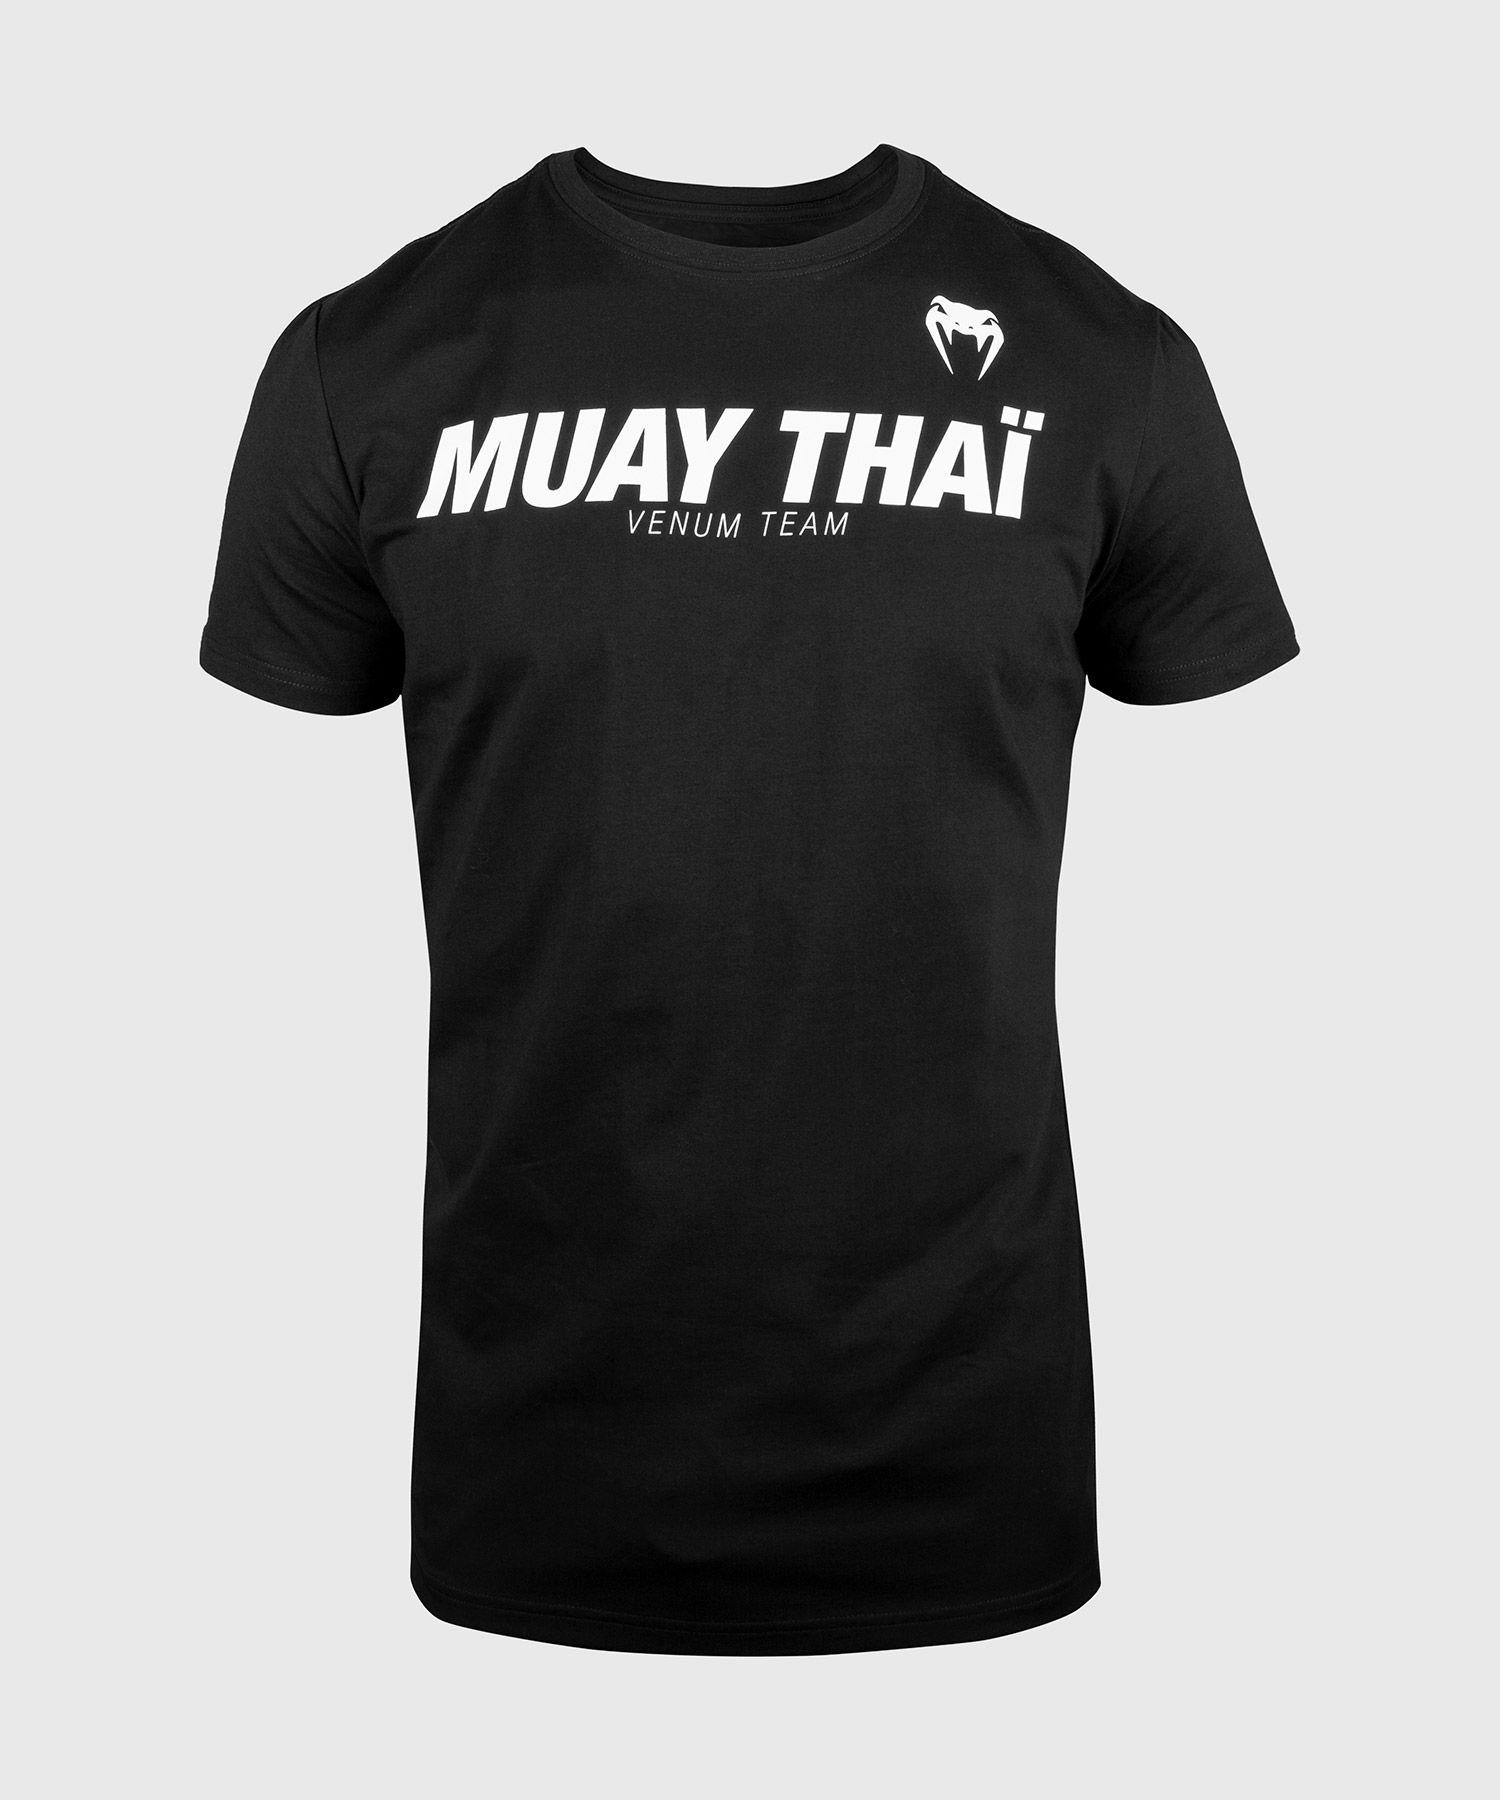 Футболка Venum Muay Thai VT — черный/белый